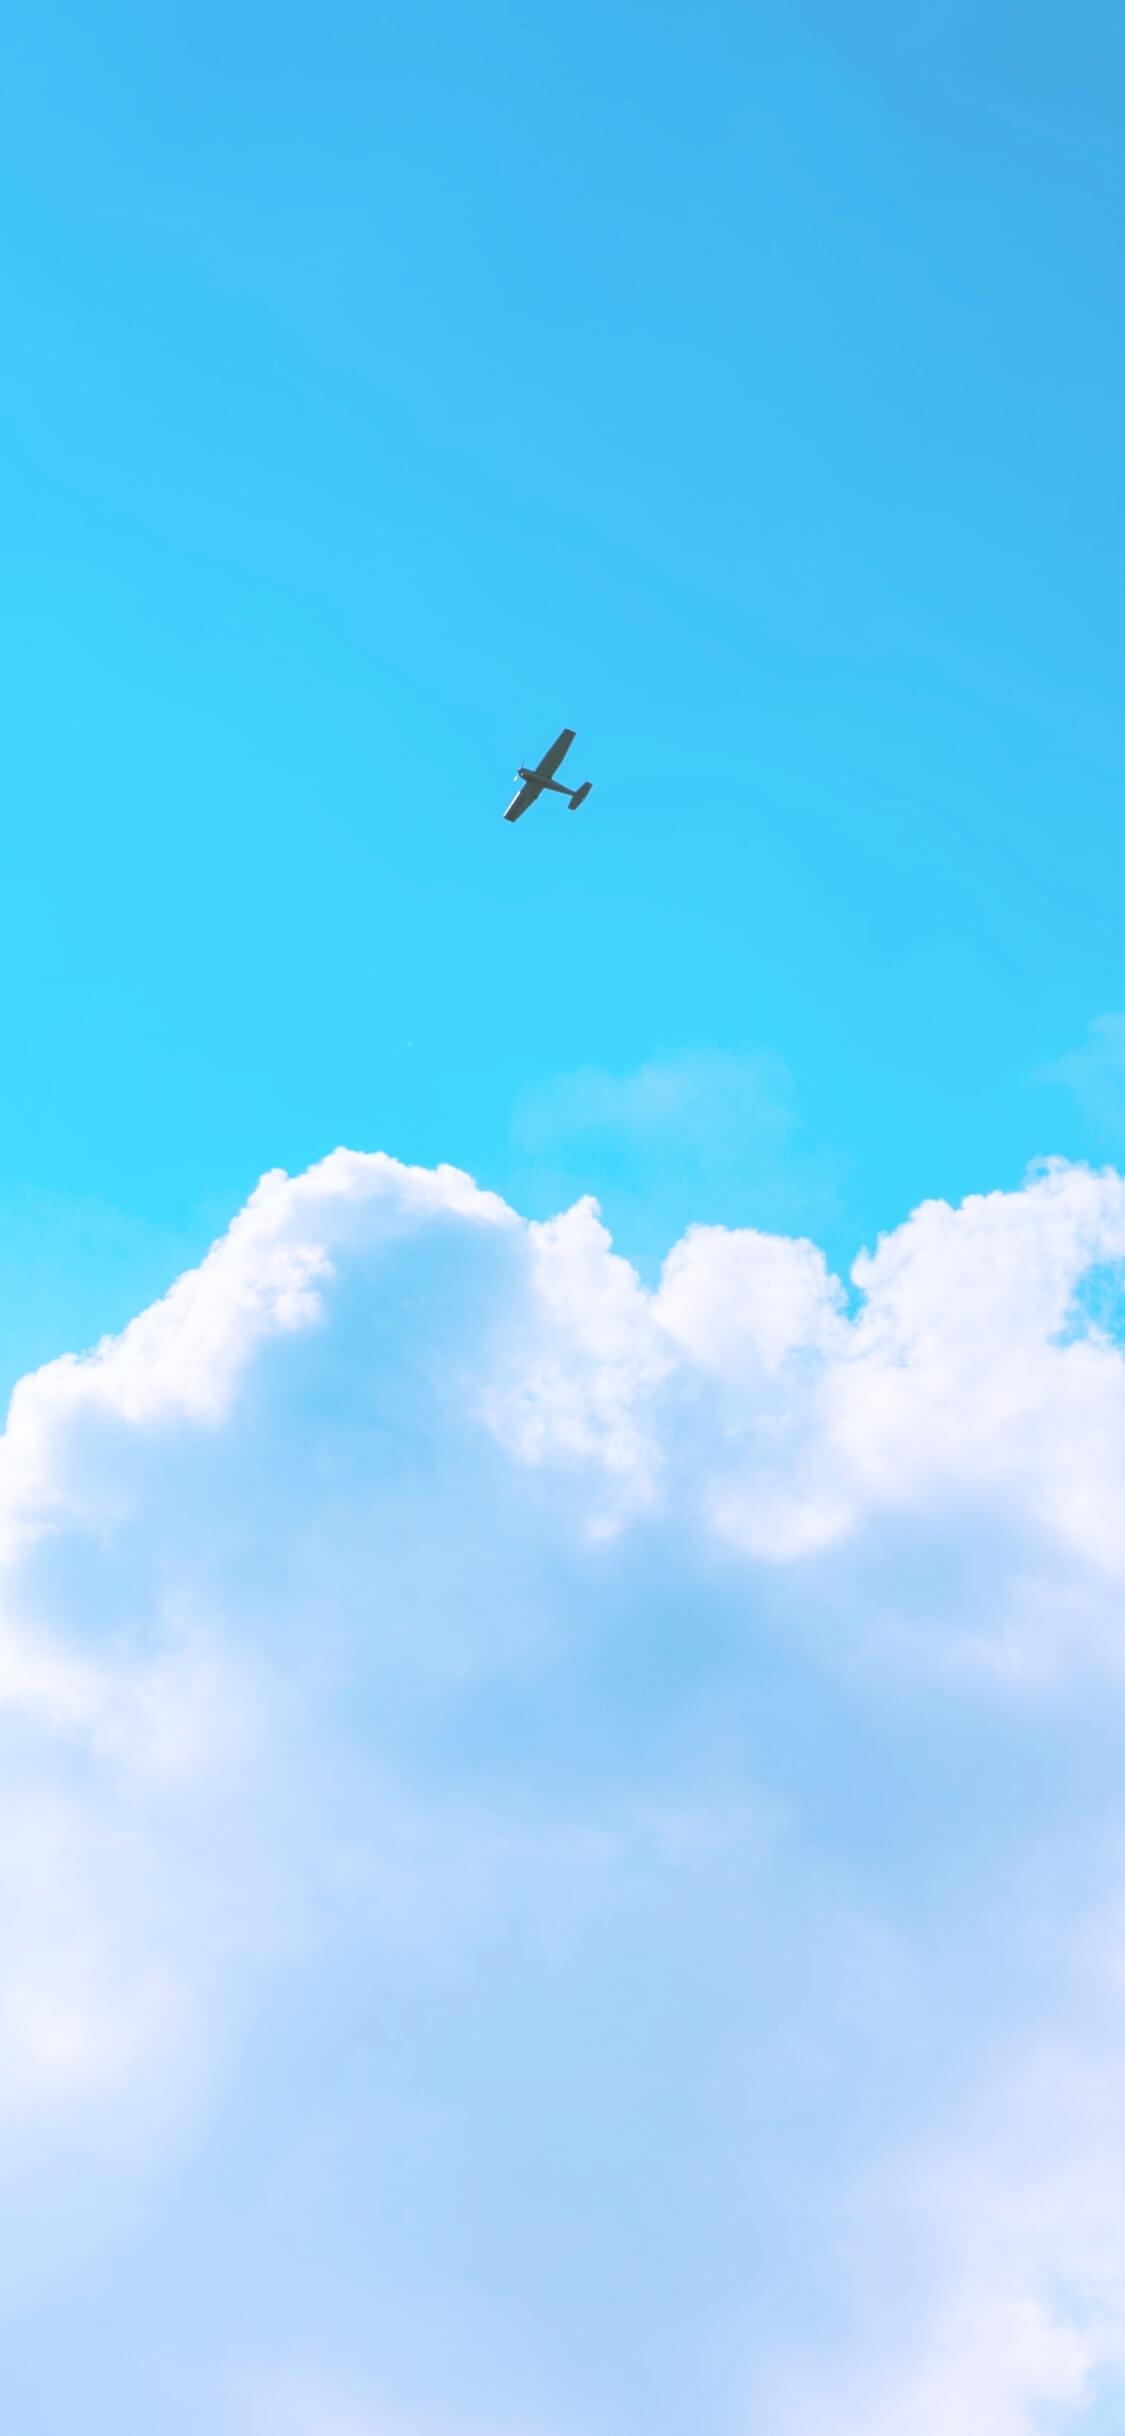 空を飛ぶ飛行機2